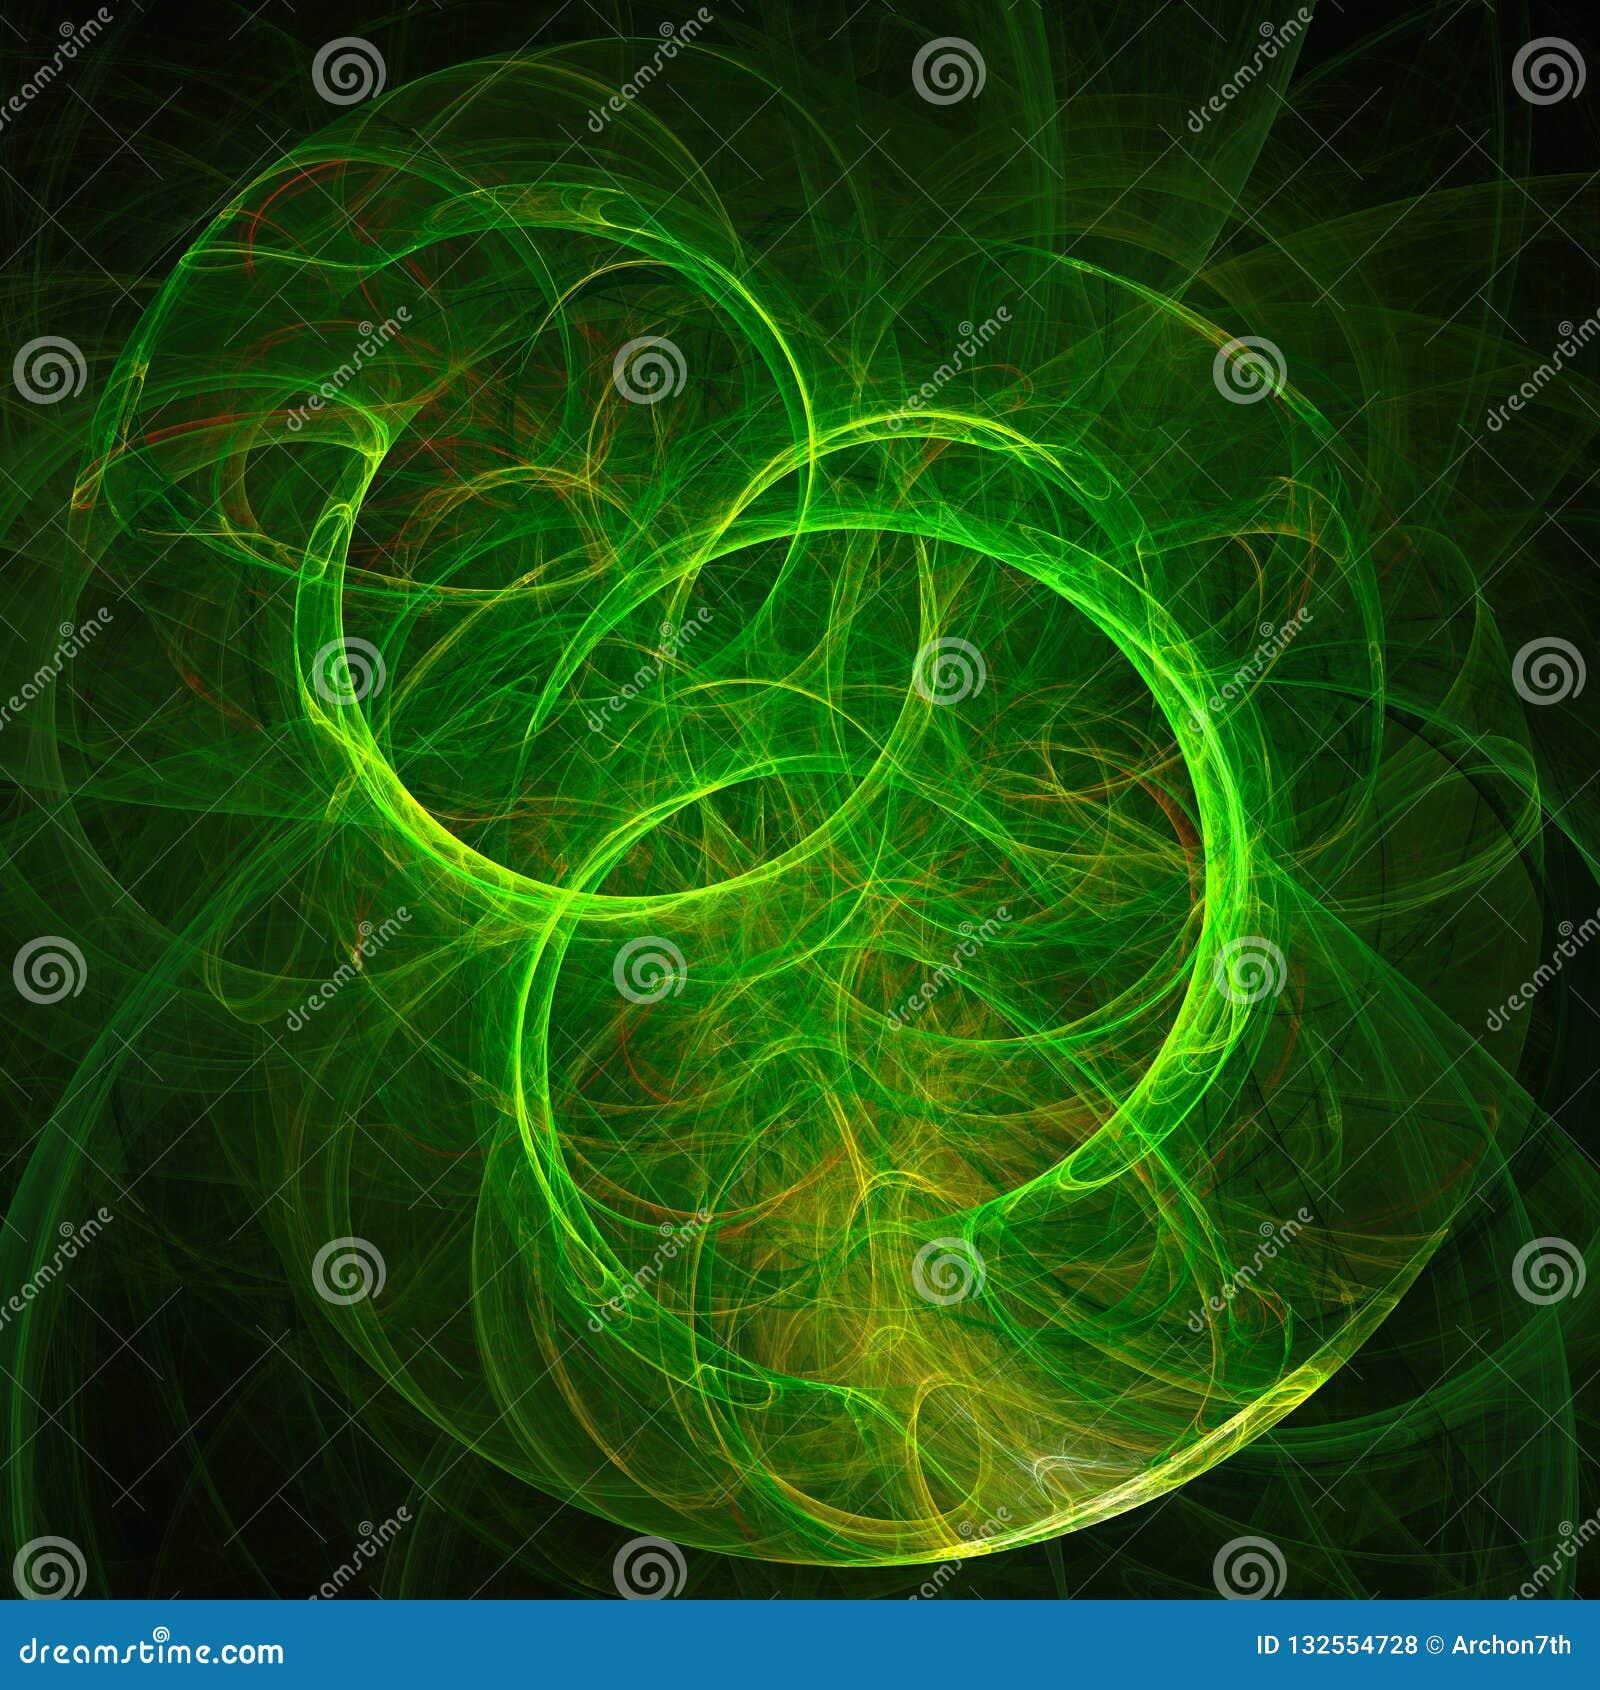 Abstracte achtergrond met heldergroene cirkel op zwarte achtergrond